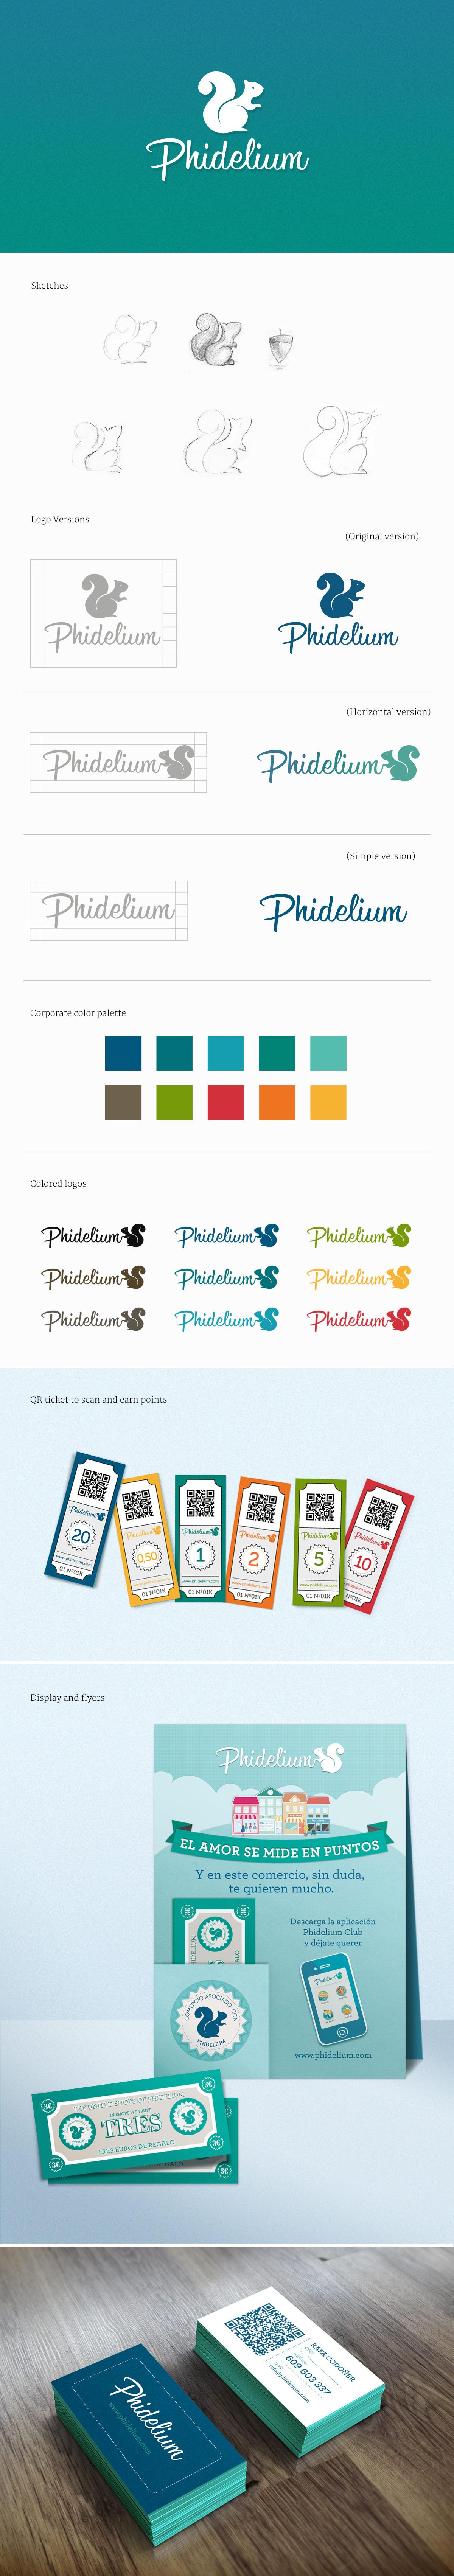 Phidelium Corporate Image